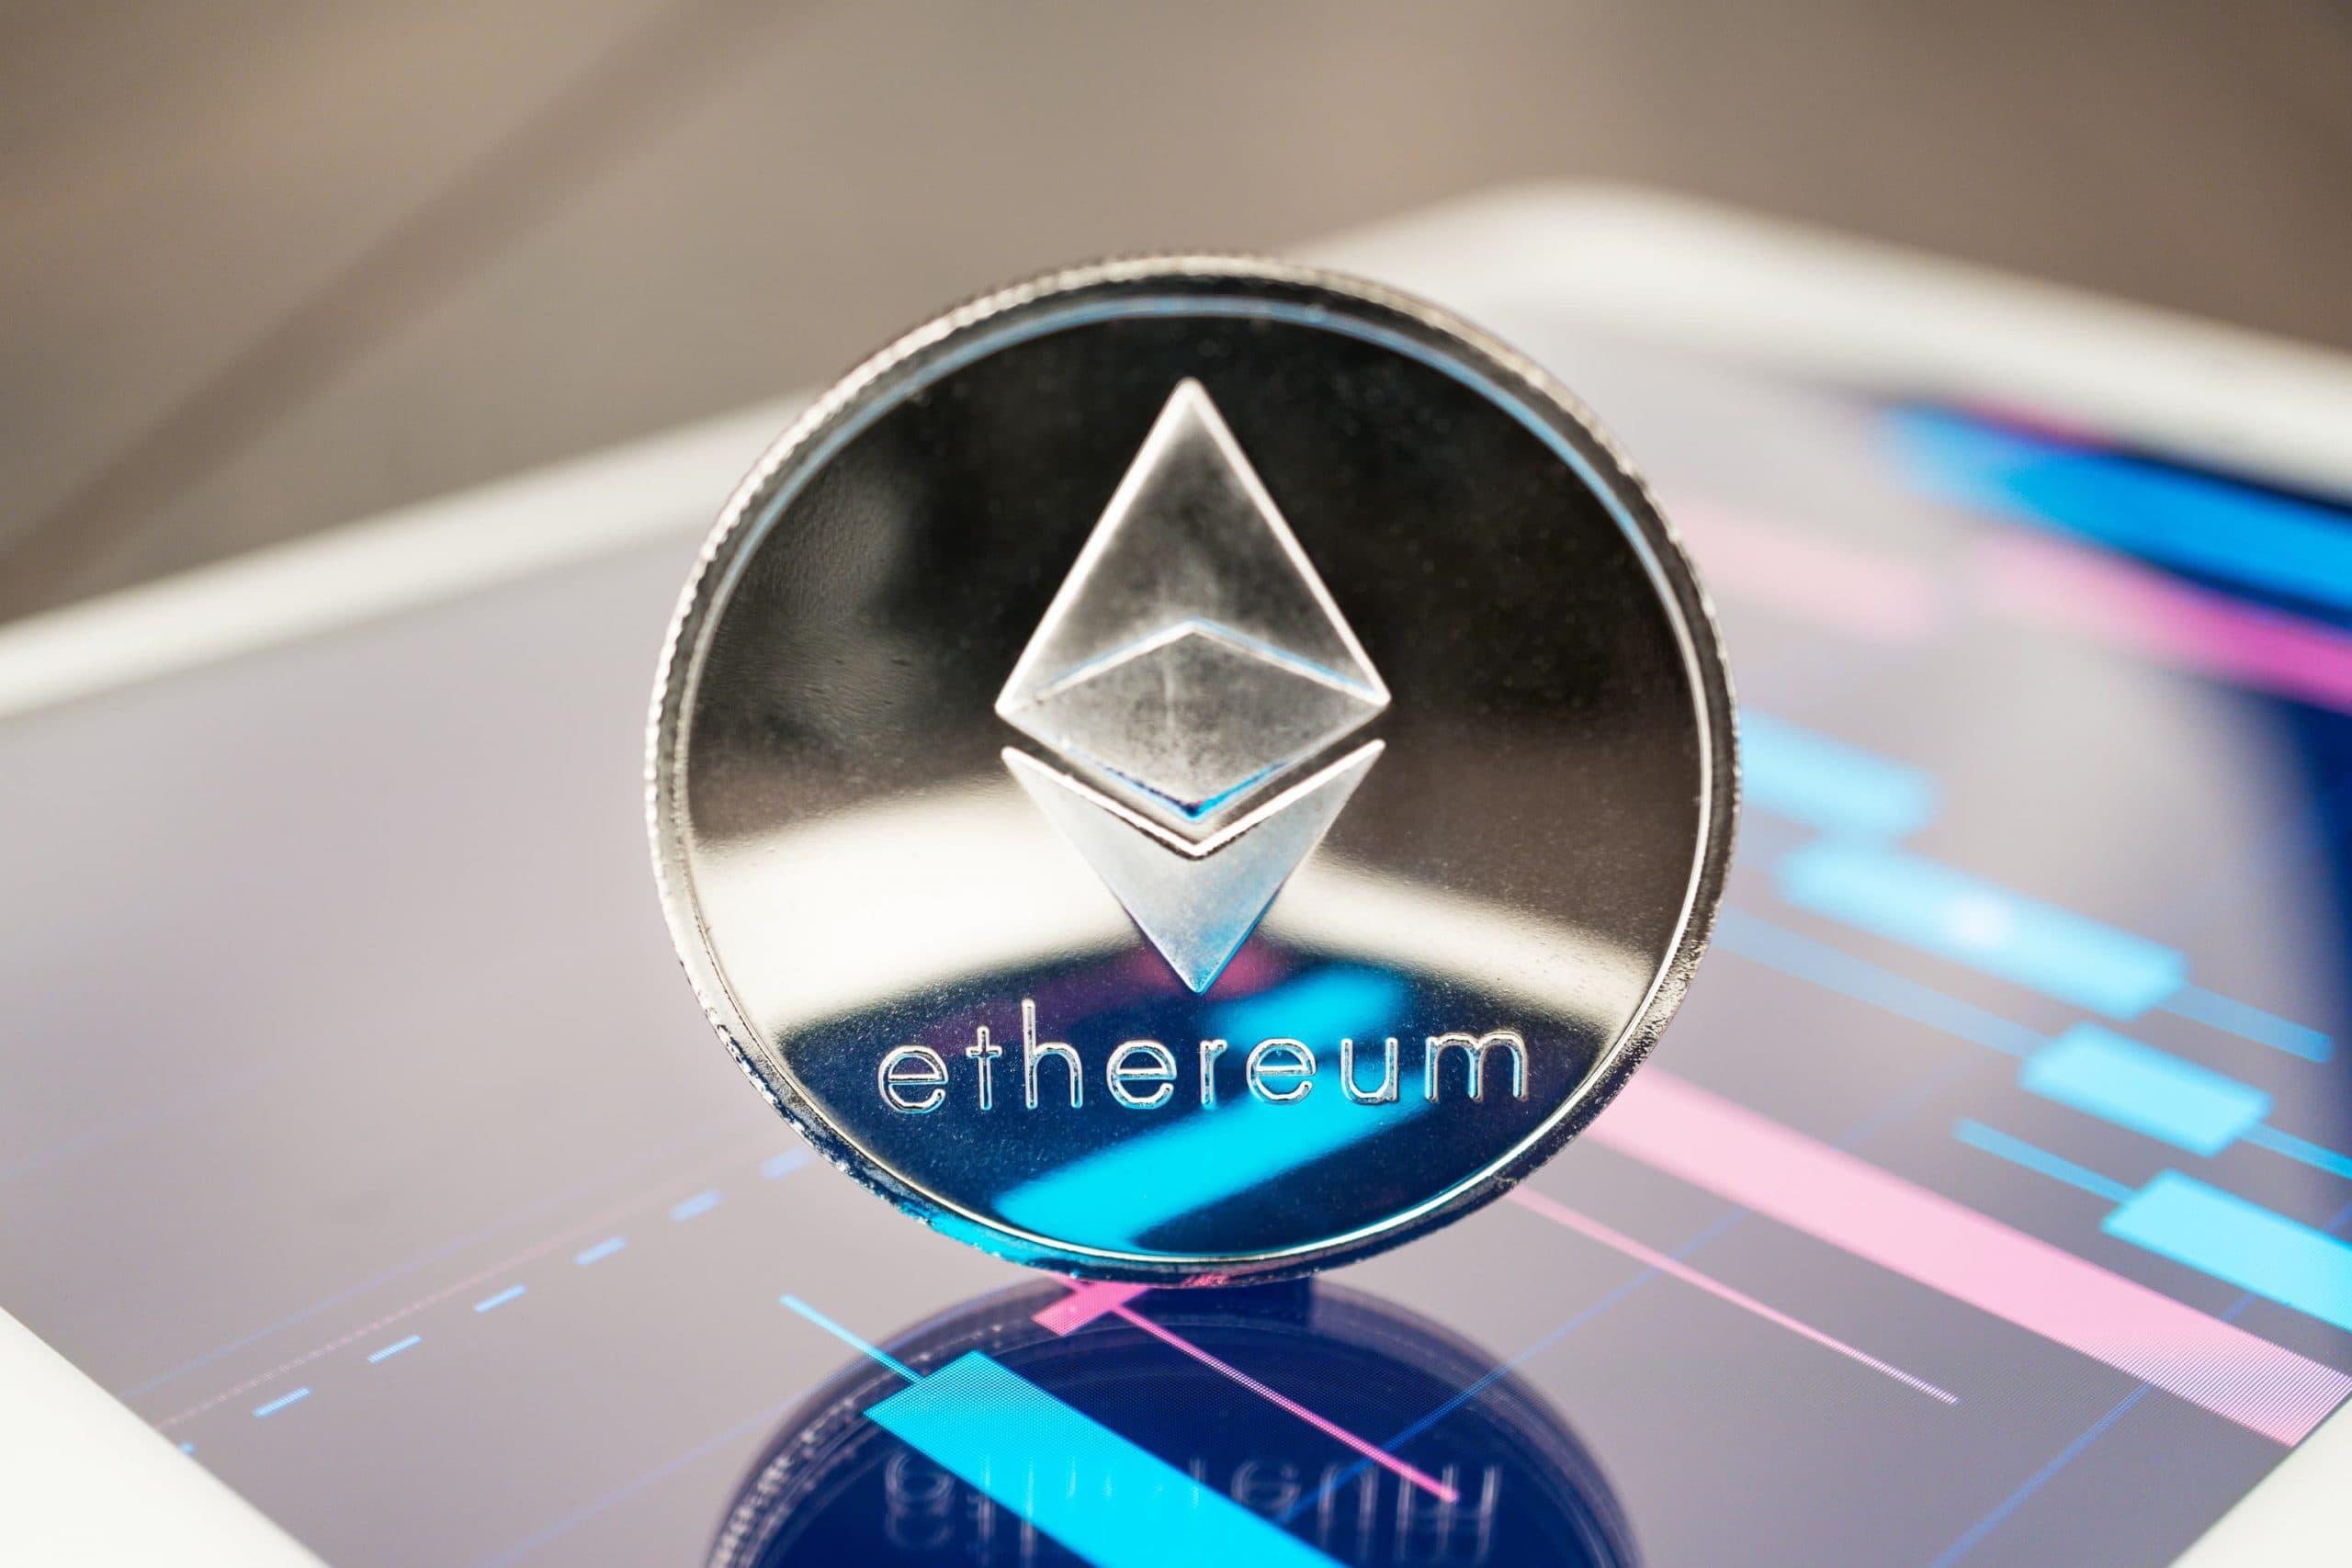 Ethereum-Münze auf einem Smartphone